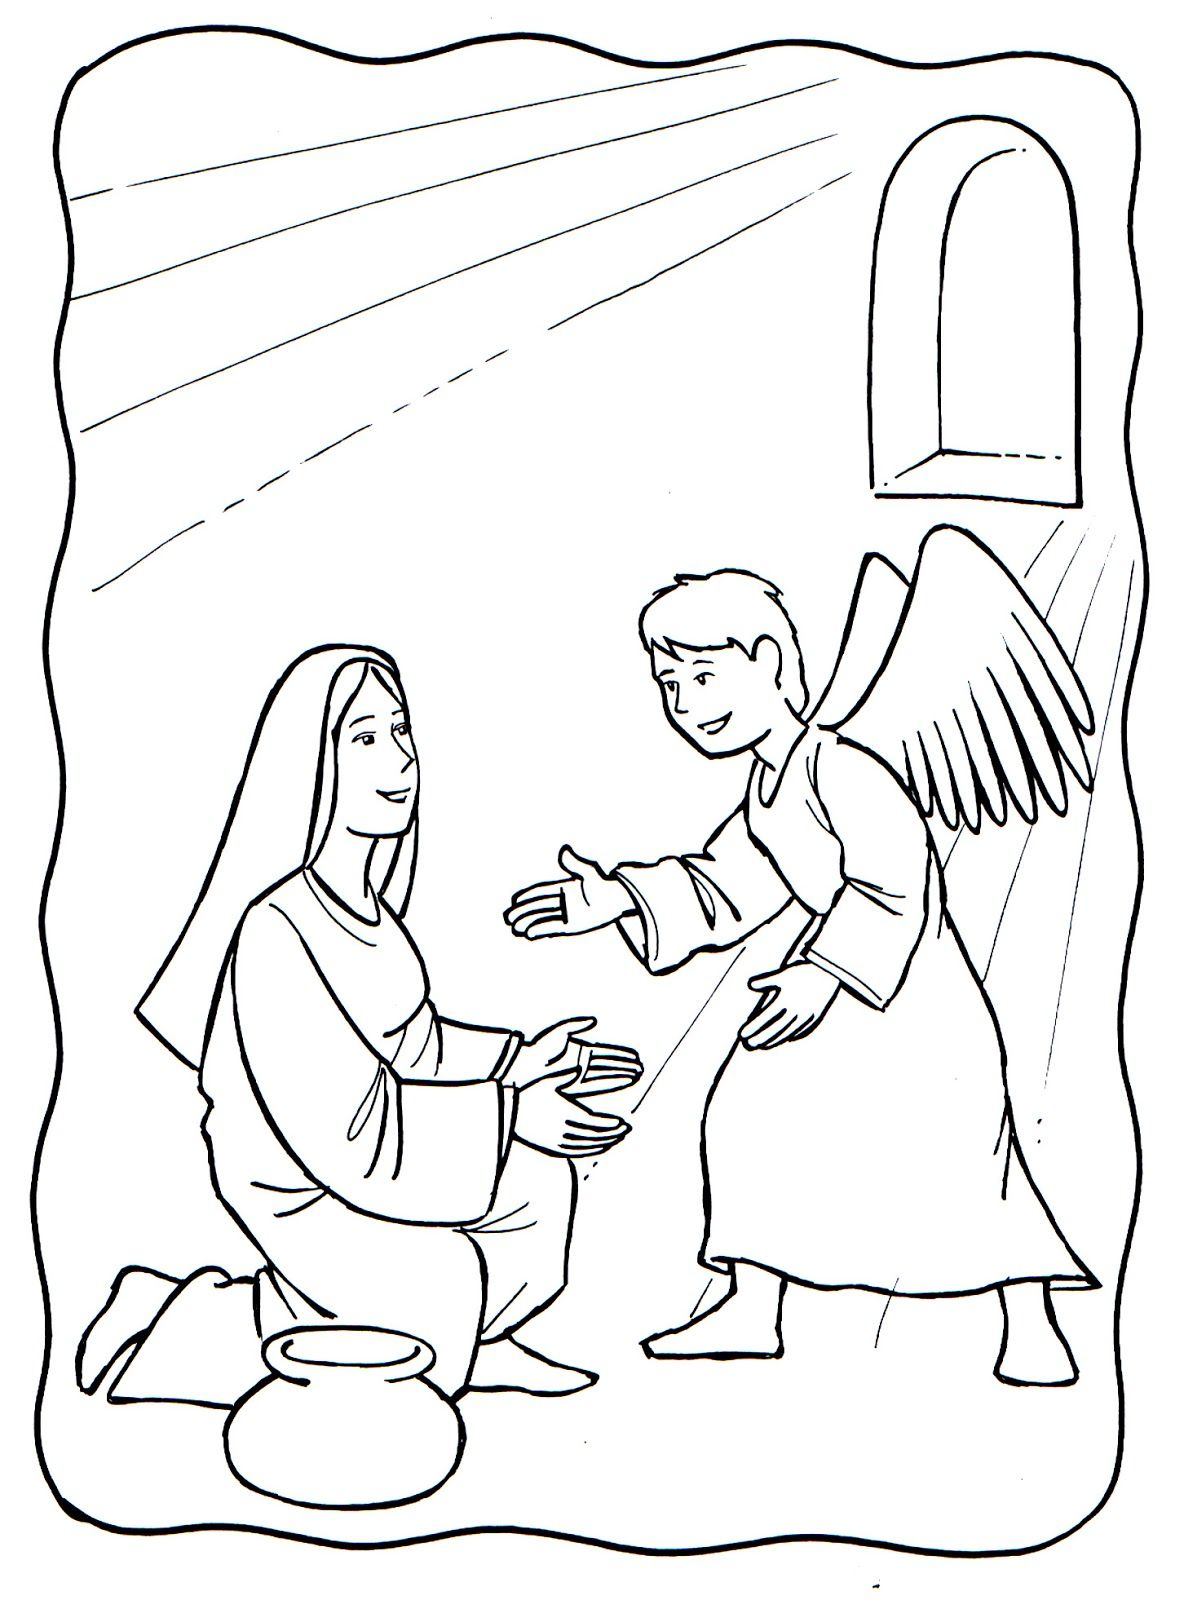 Resultado De Imagen Para Dibujo De La Anunciacion Del Angel Gabriel A Maria Sunday School Coloring Pages Angel Coloring Pages Bible Coloring Pages